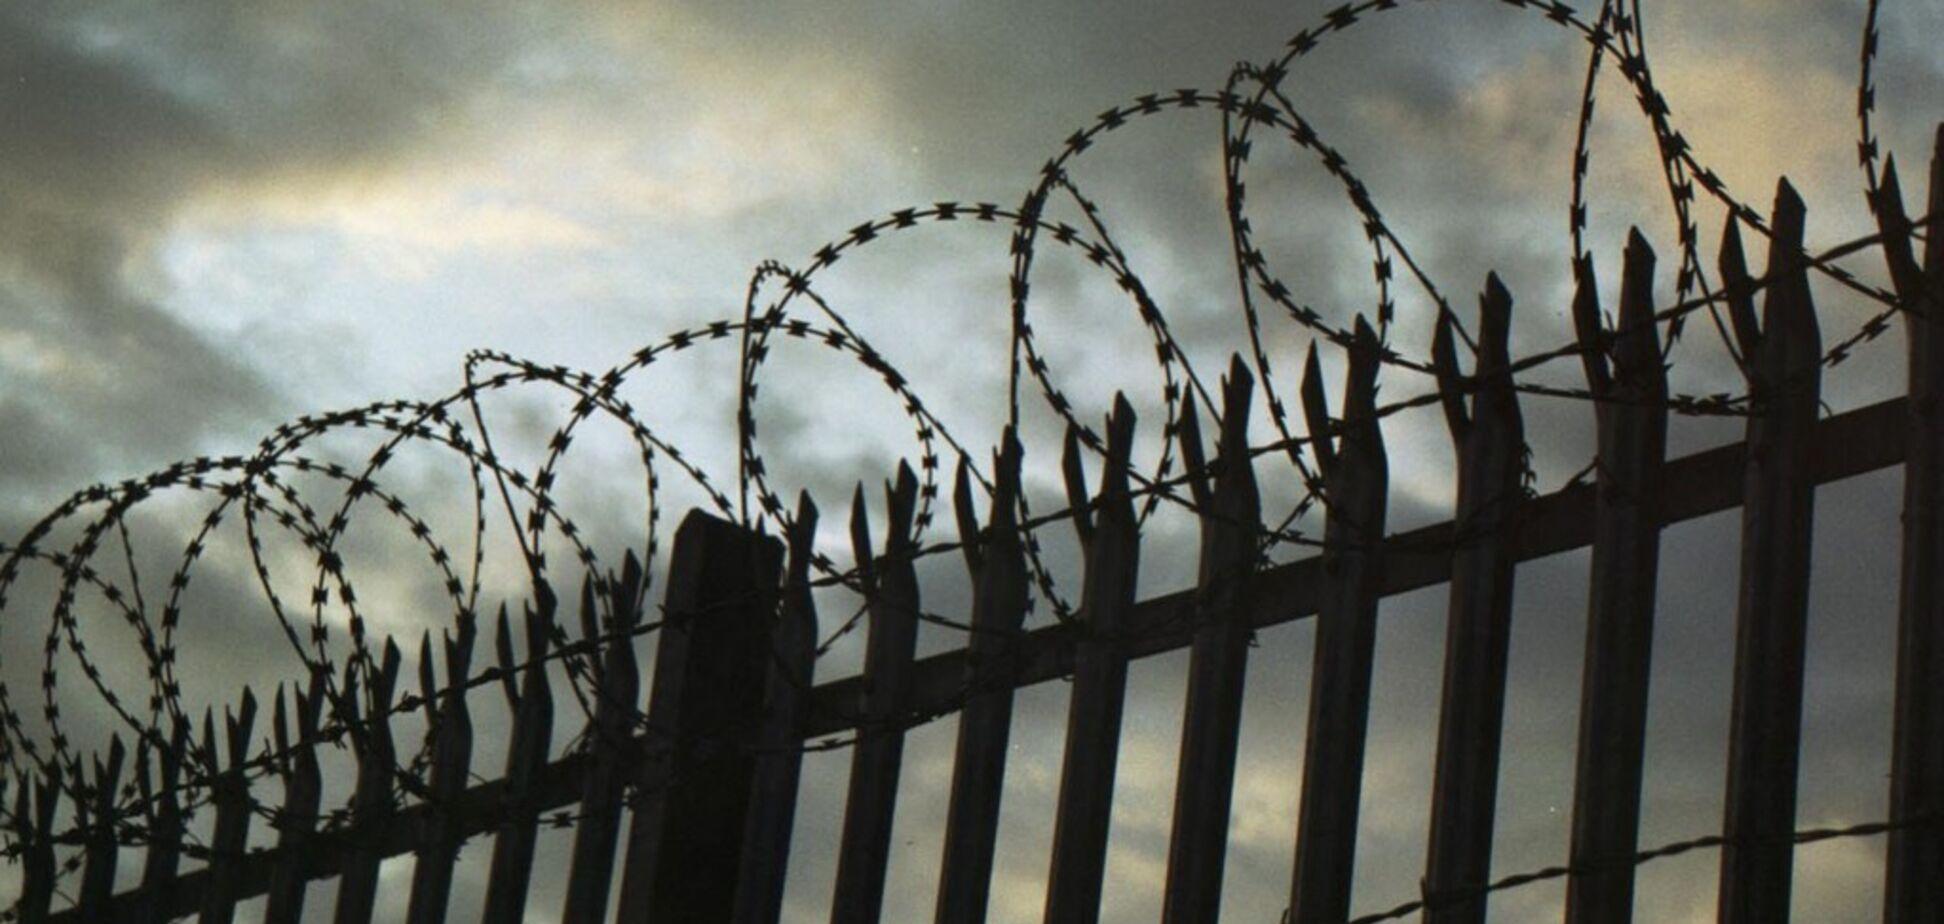 Жительнице Днепра грозит 8 лет тюрьмы из-за пенсии отца: что случилось